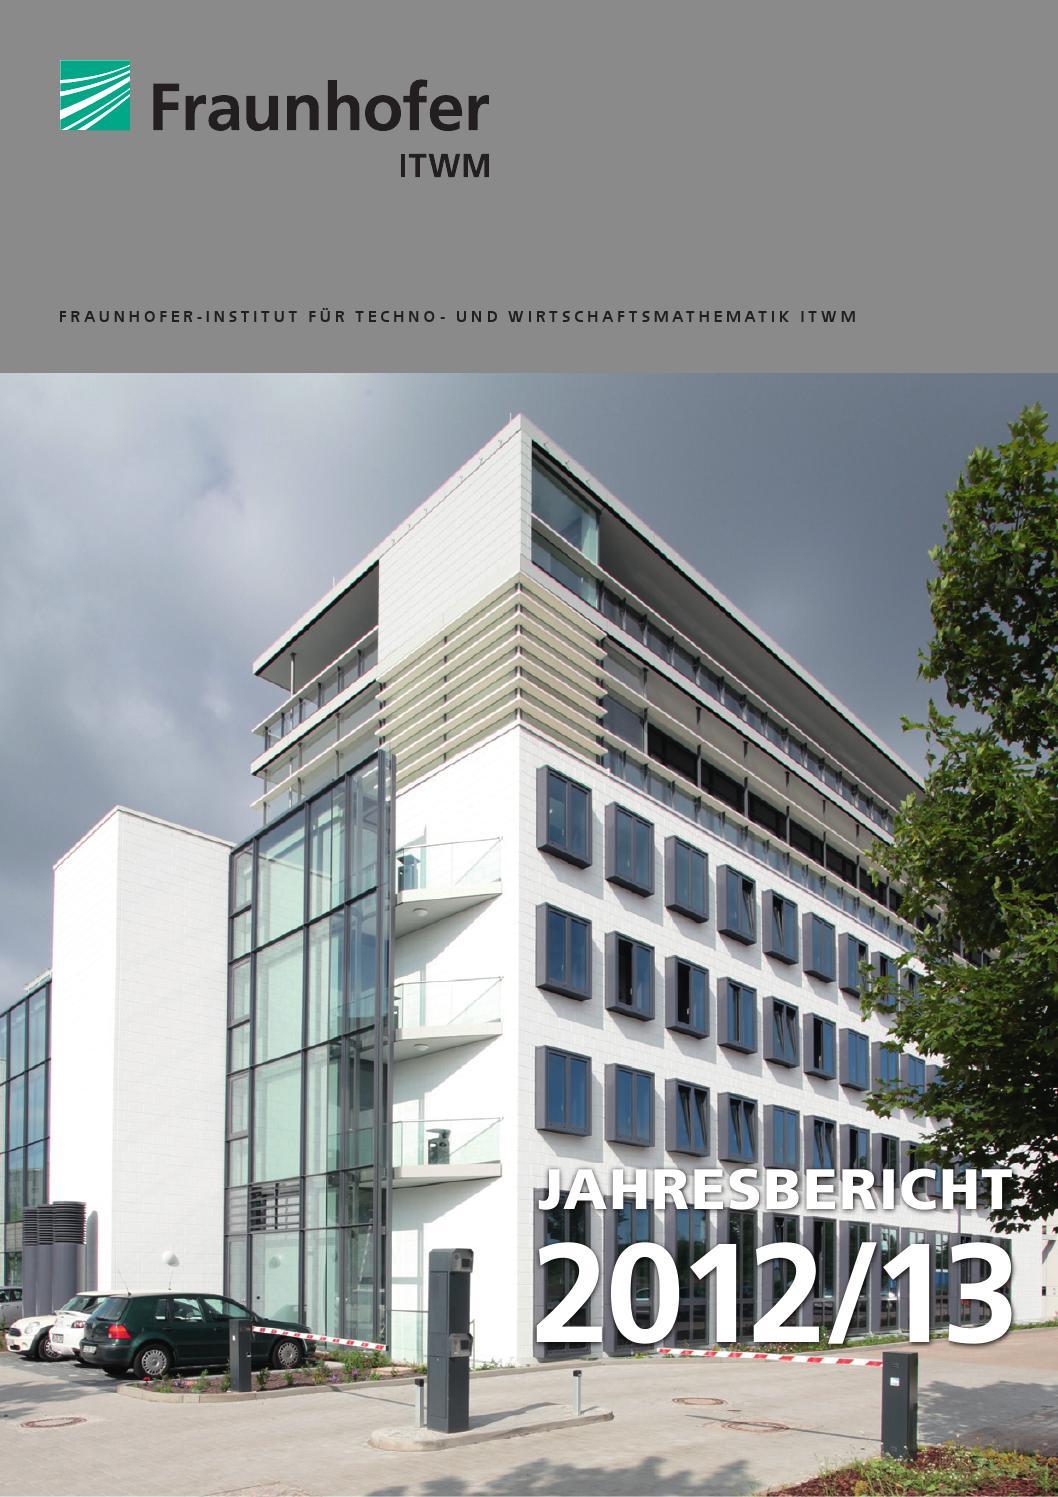 Jahresbericht 2012 By Fraunhofer Itwm Issuu Circuit Simulator Wikid The Industrial Design Engineering Wiki